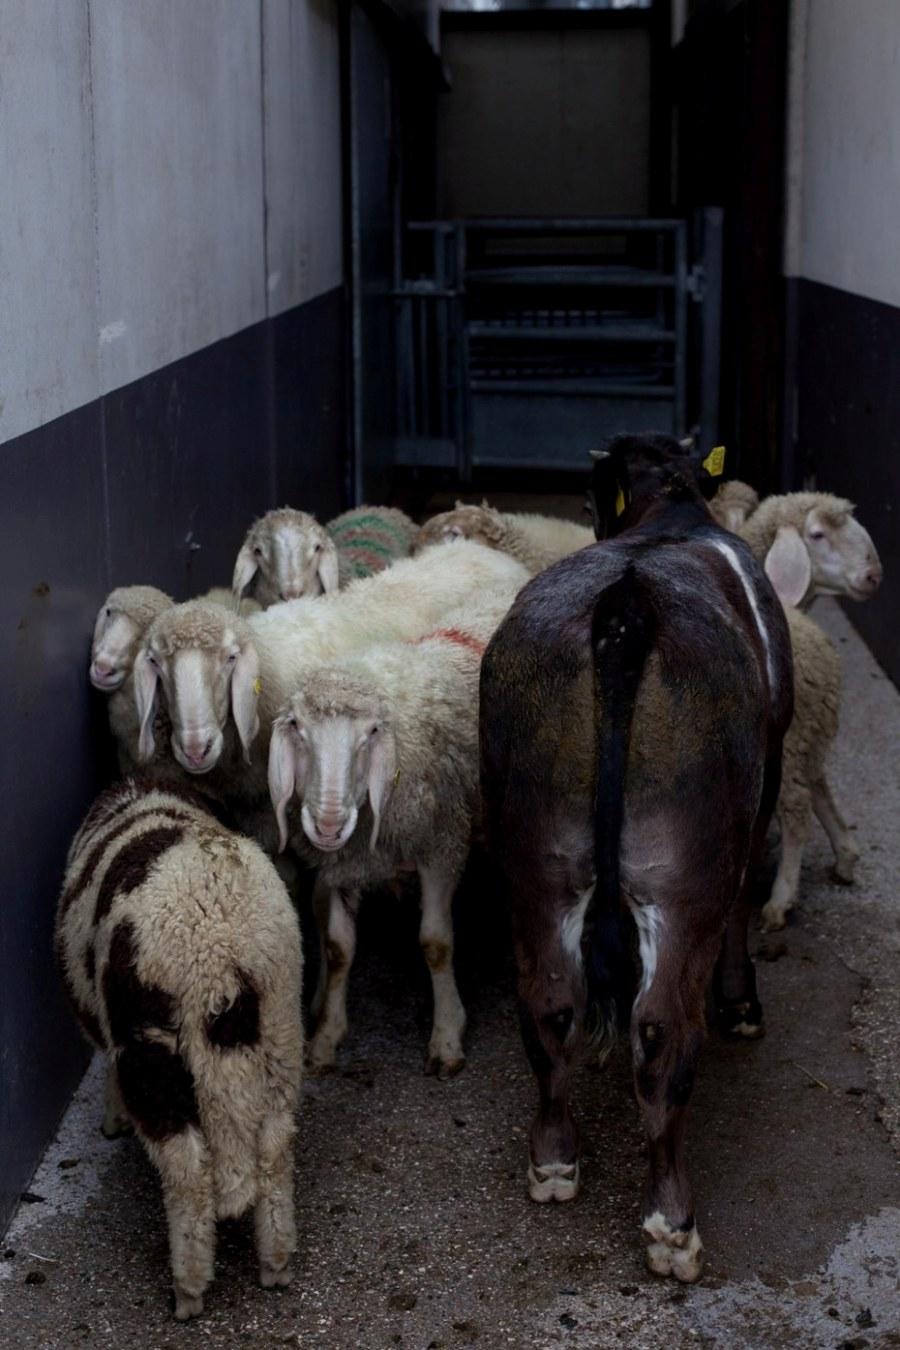 ¿Hay mucha diferencia entre niños en la cámara de gas de Auschwitz y los animales en los mataderos?